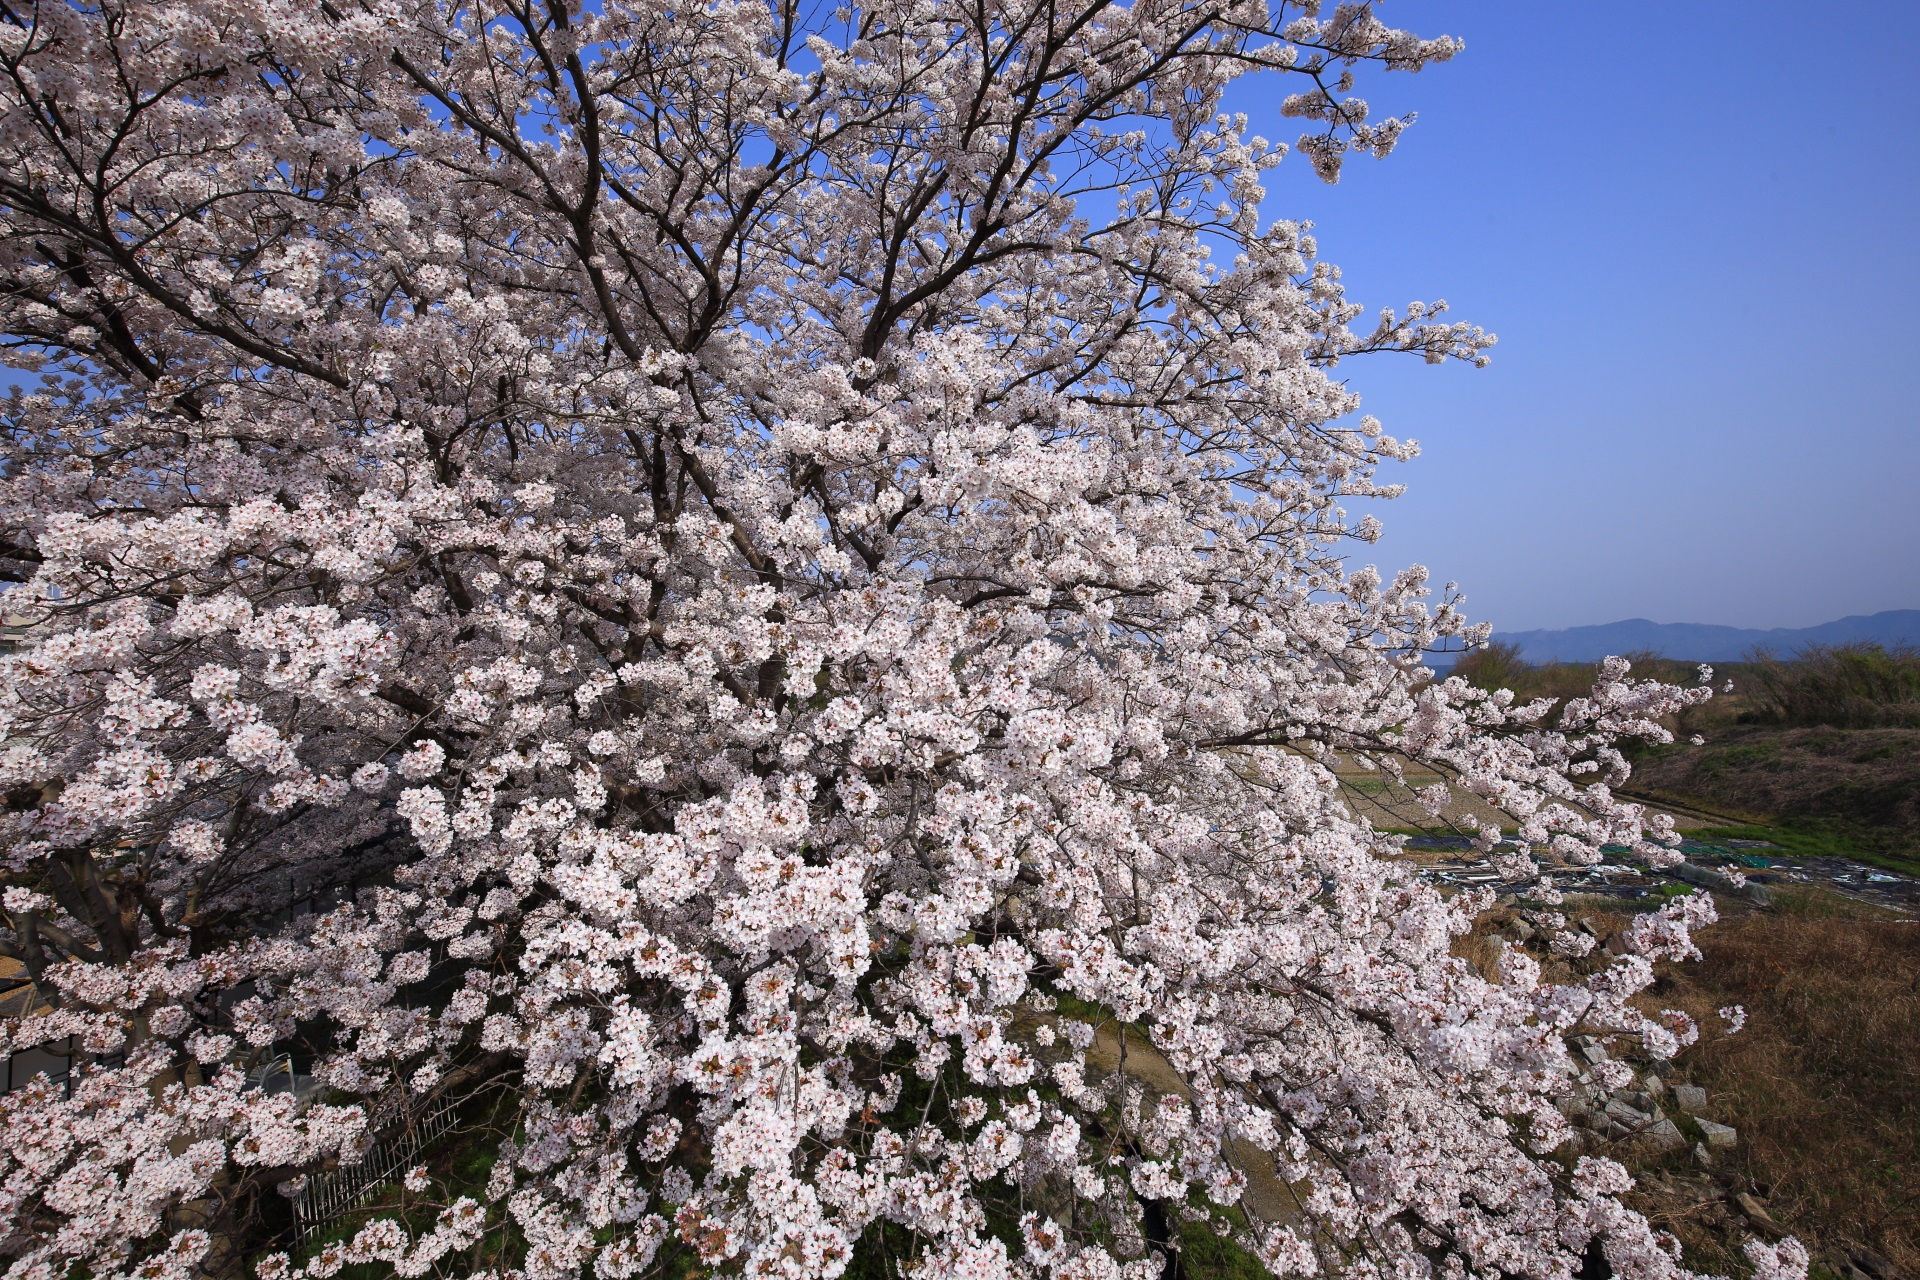 千代川の青空に映える華やかな桜